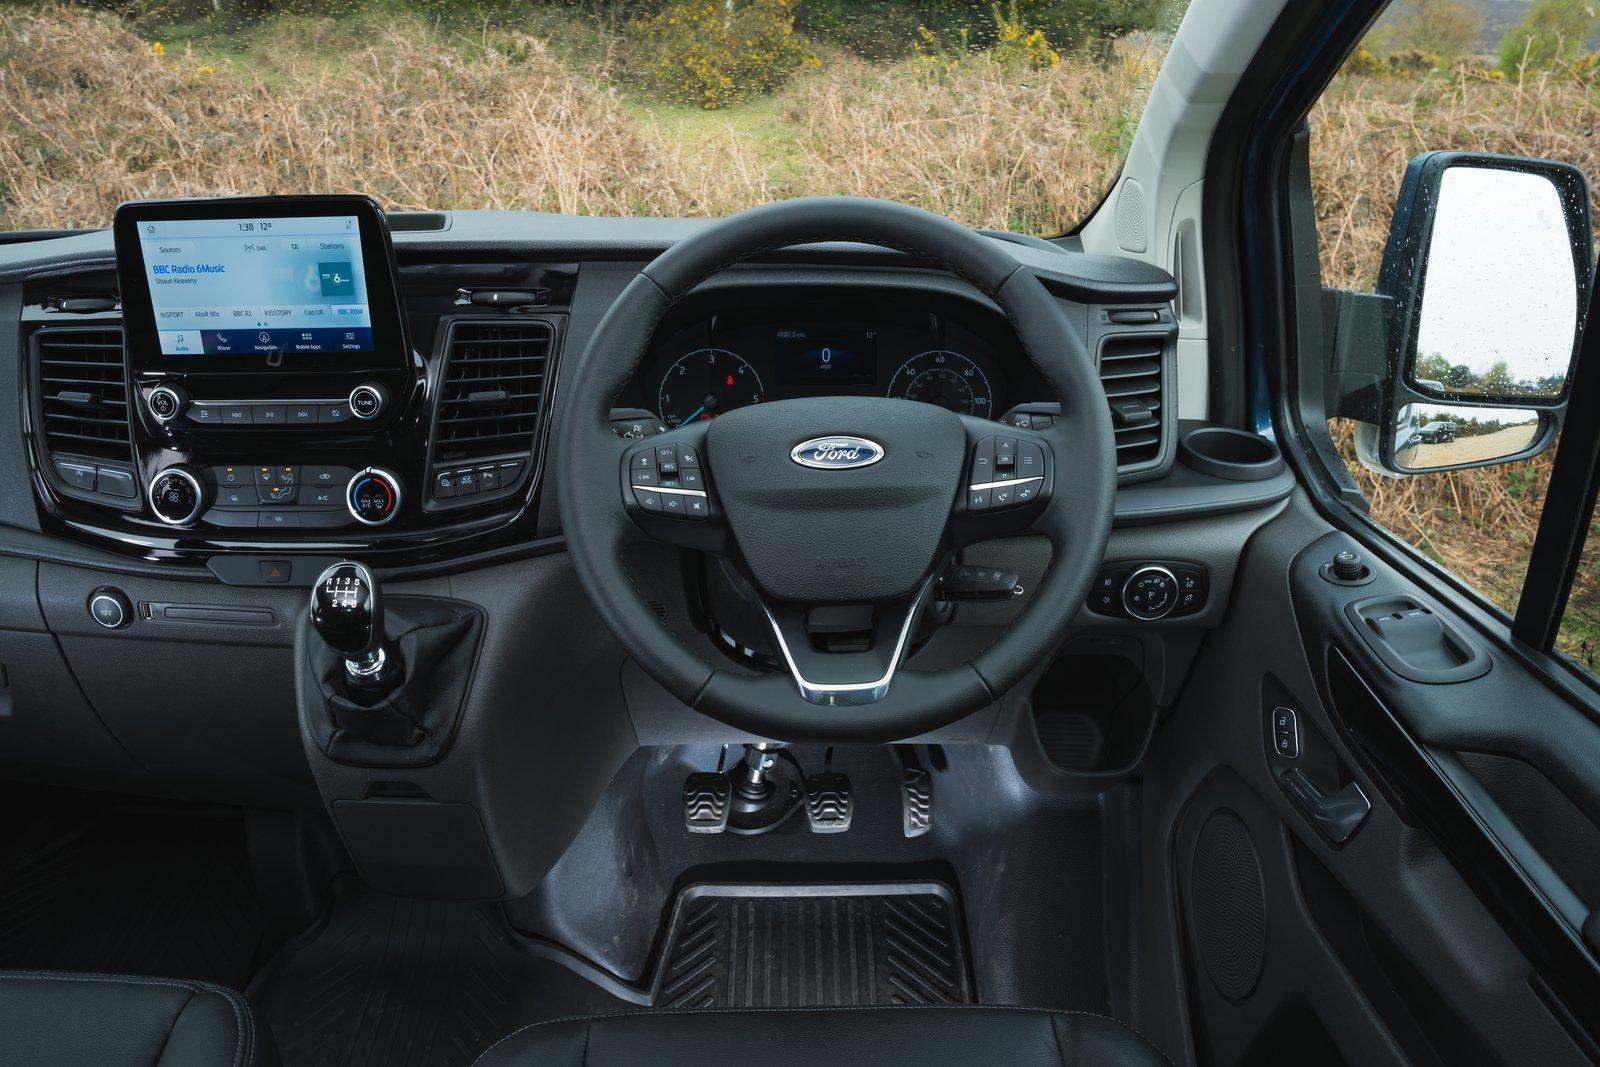 Ford Transit Custom Trail 2021 interior dashboard